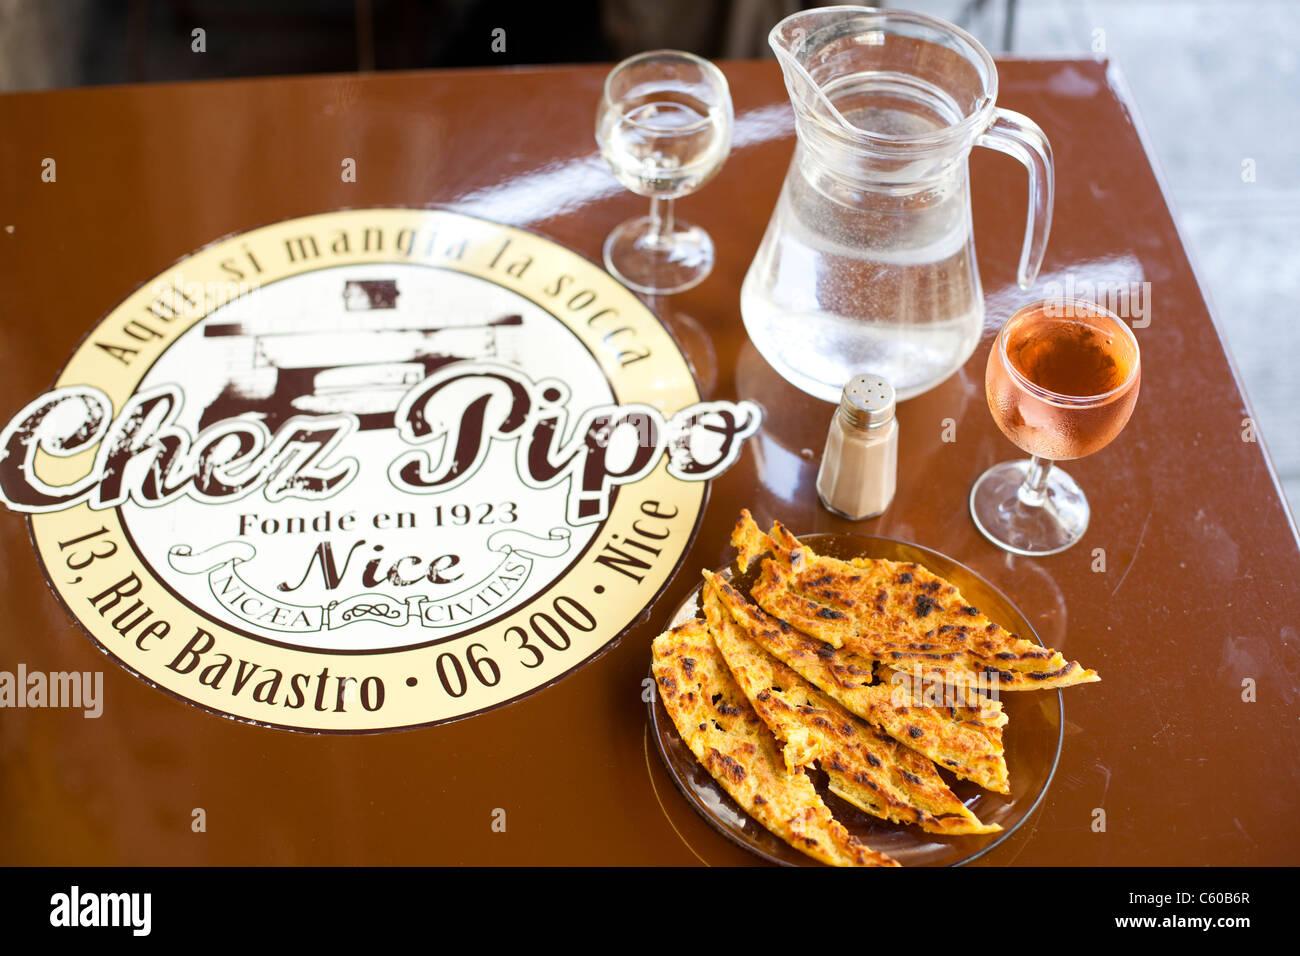 Chez Pipo, Socca, restaurant, cafe, Nice, France - Stock Image